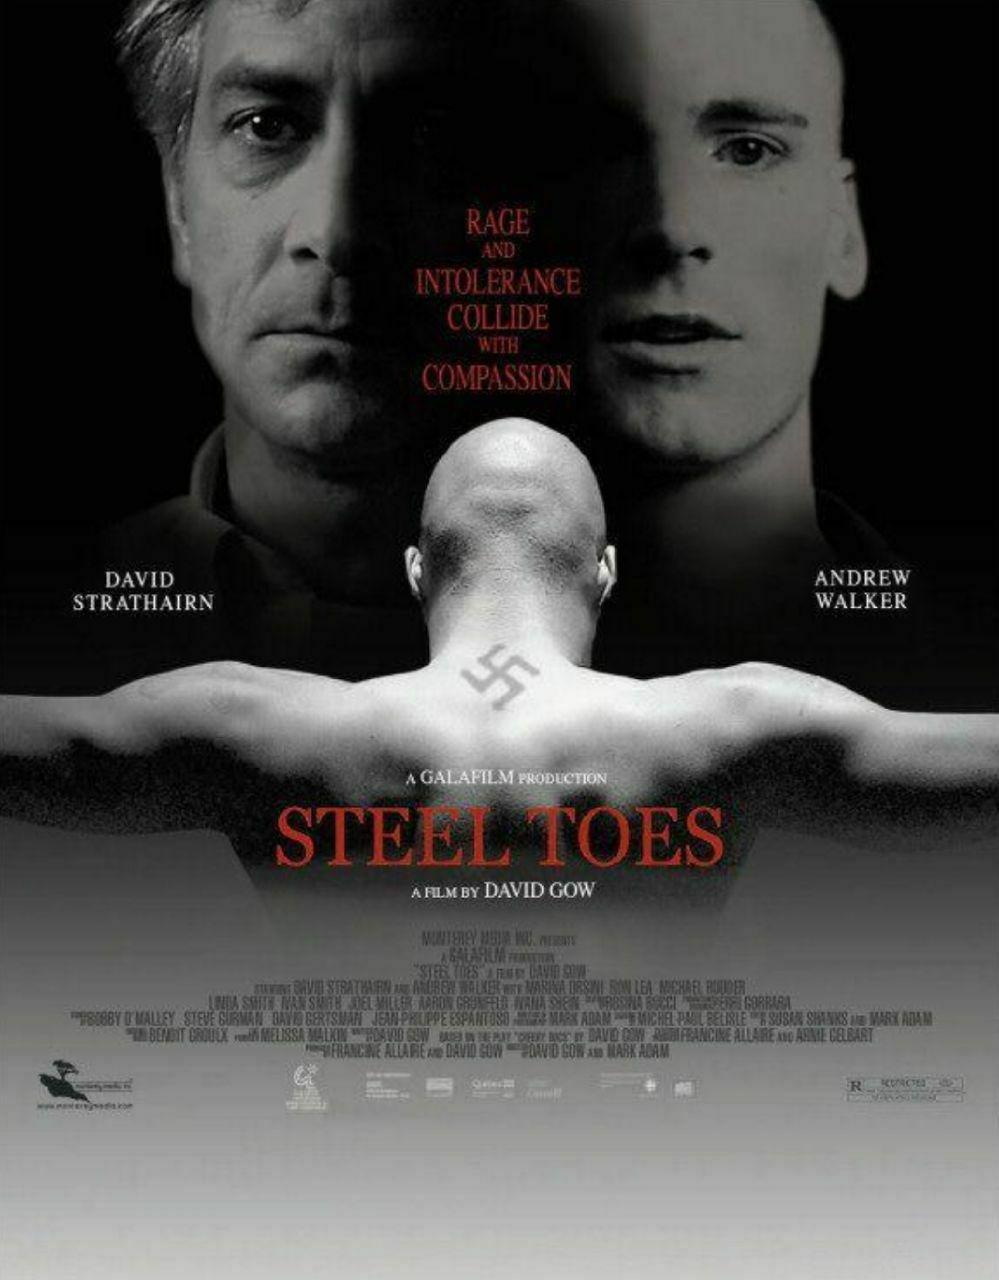 Cartel de la película 'Steel Toes' o 'Pies de acero' de David Gow (2007) doblada al castellano